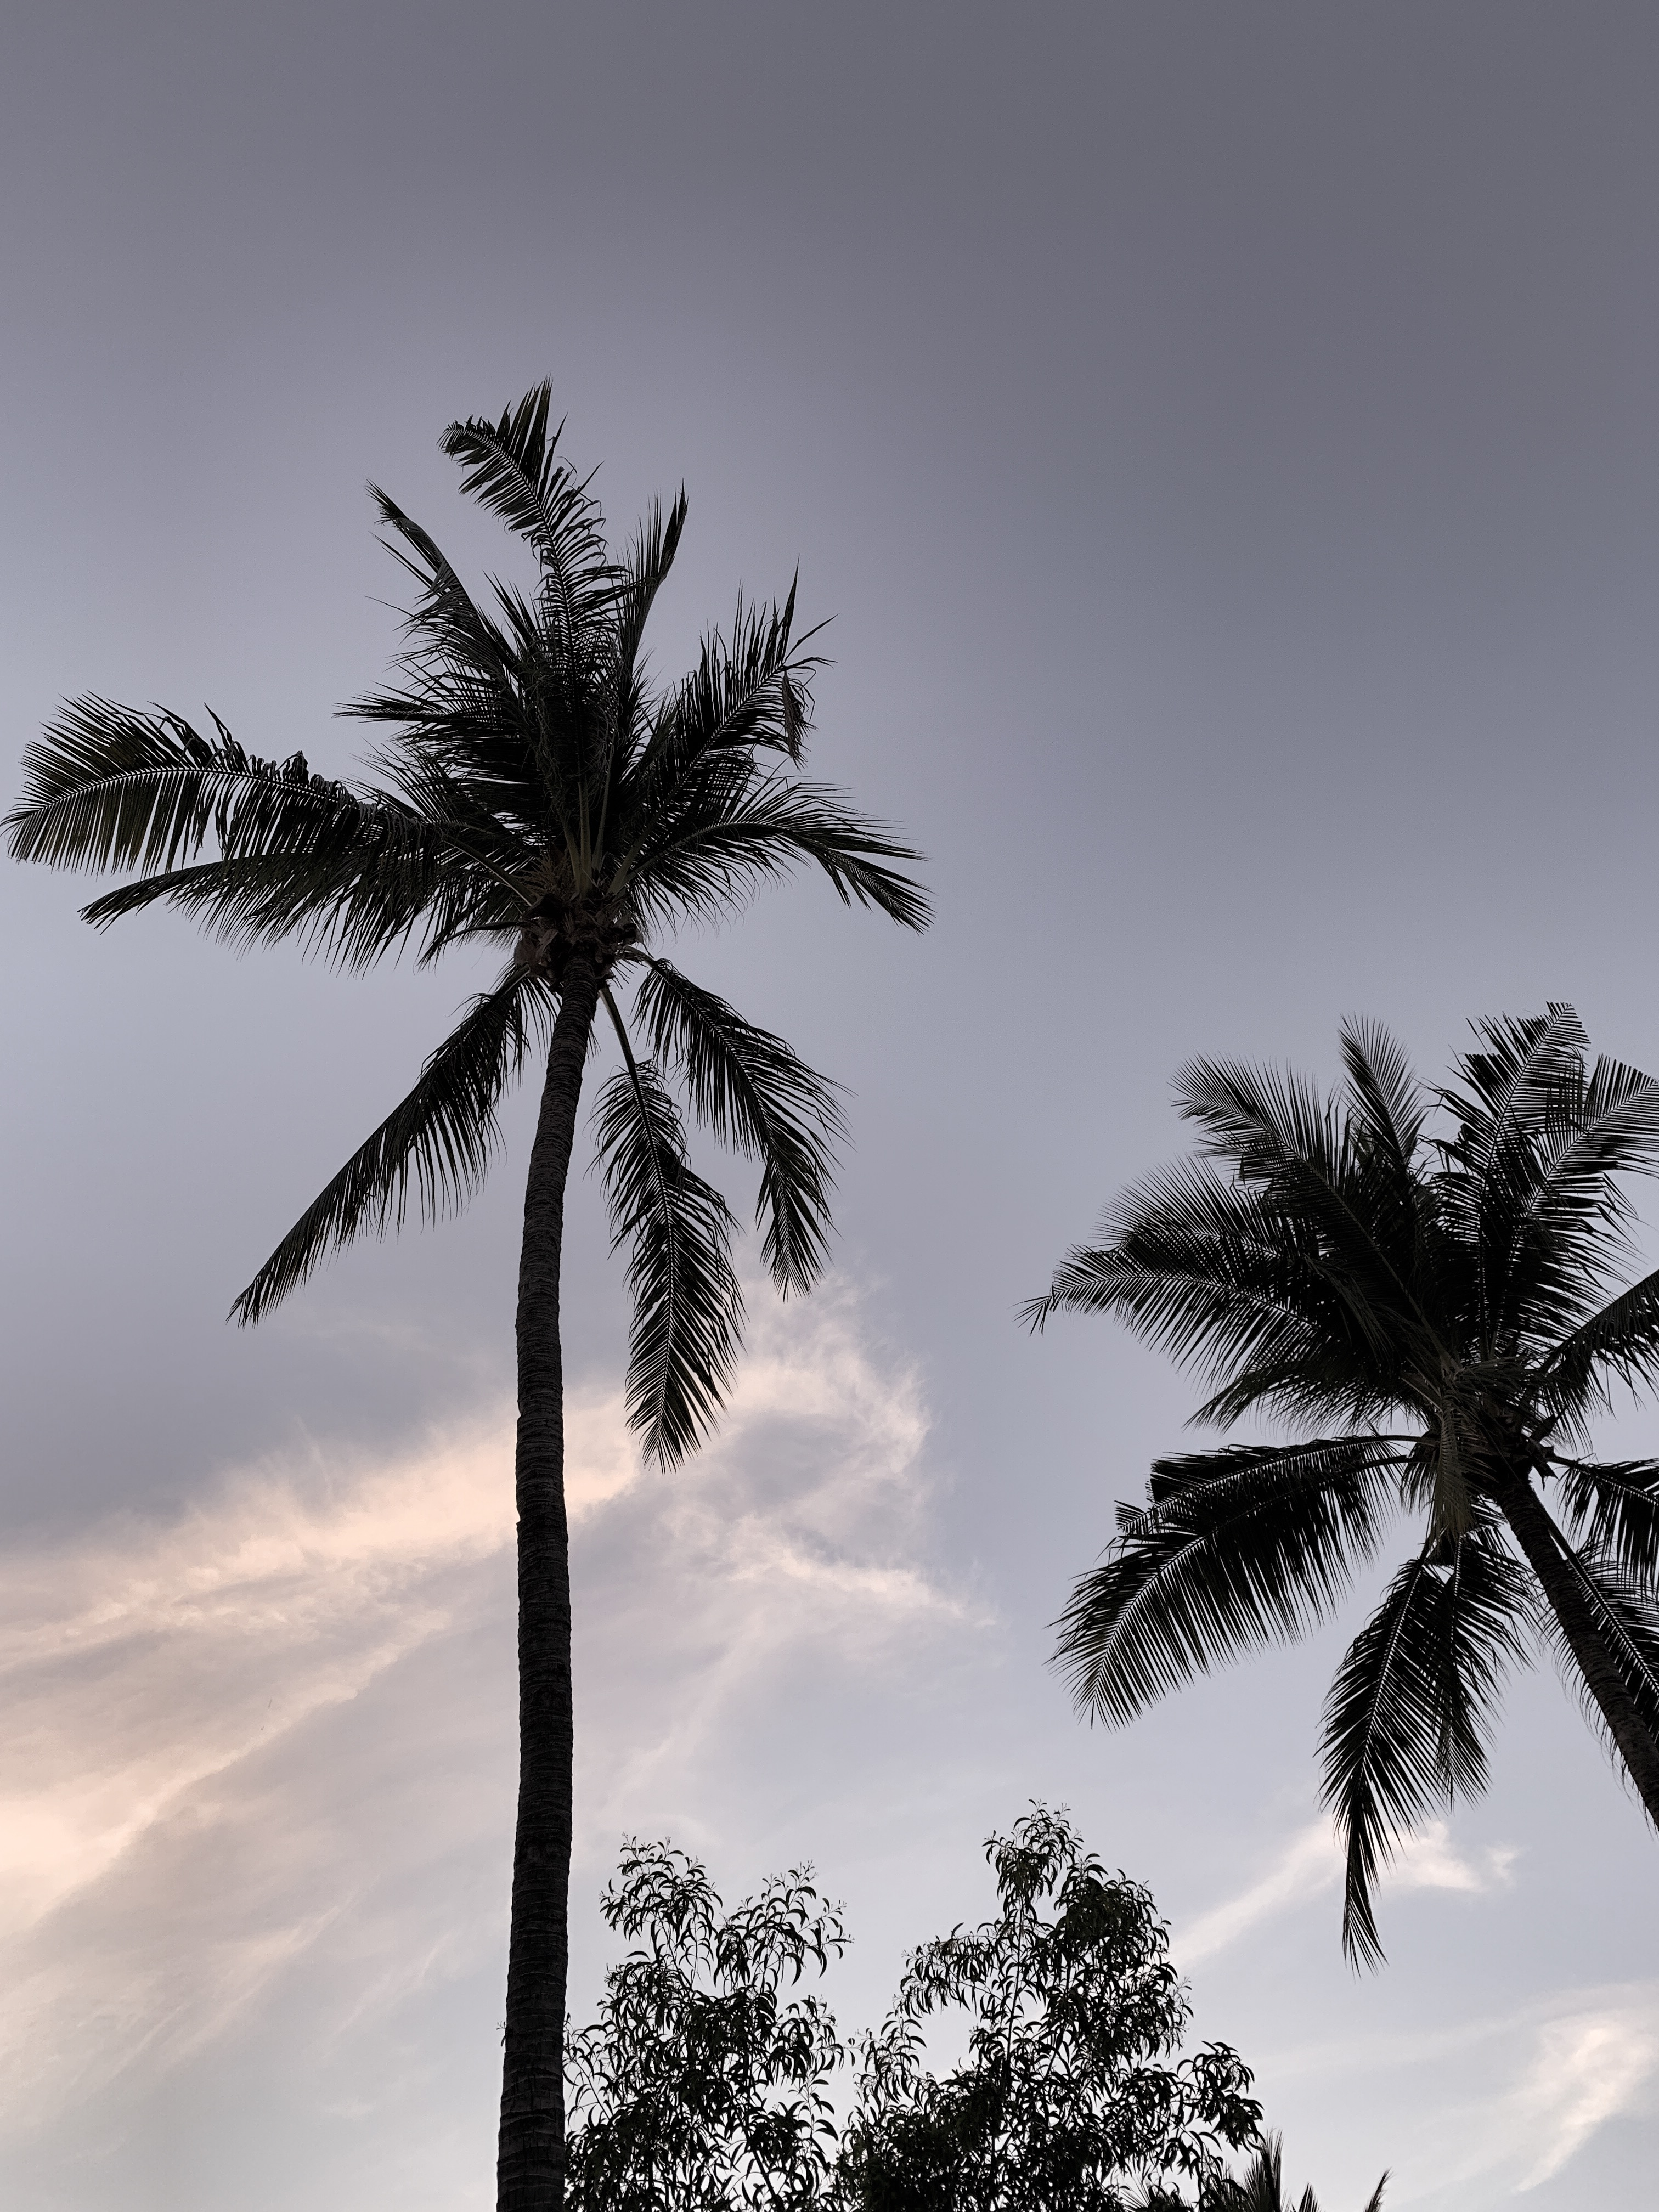 Sommer auf Bali - Palmen auf Bali.